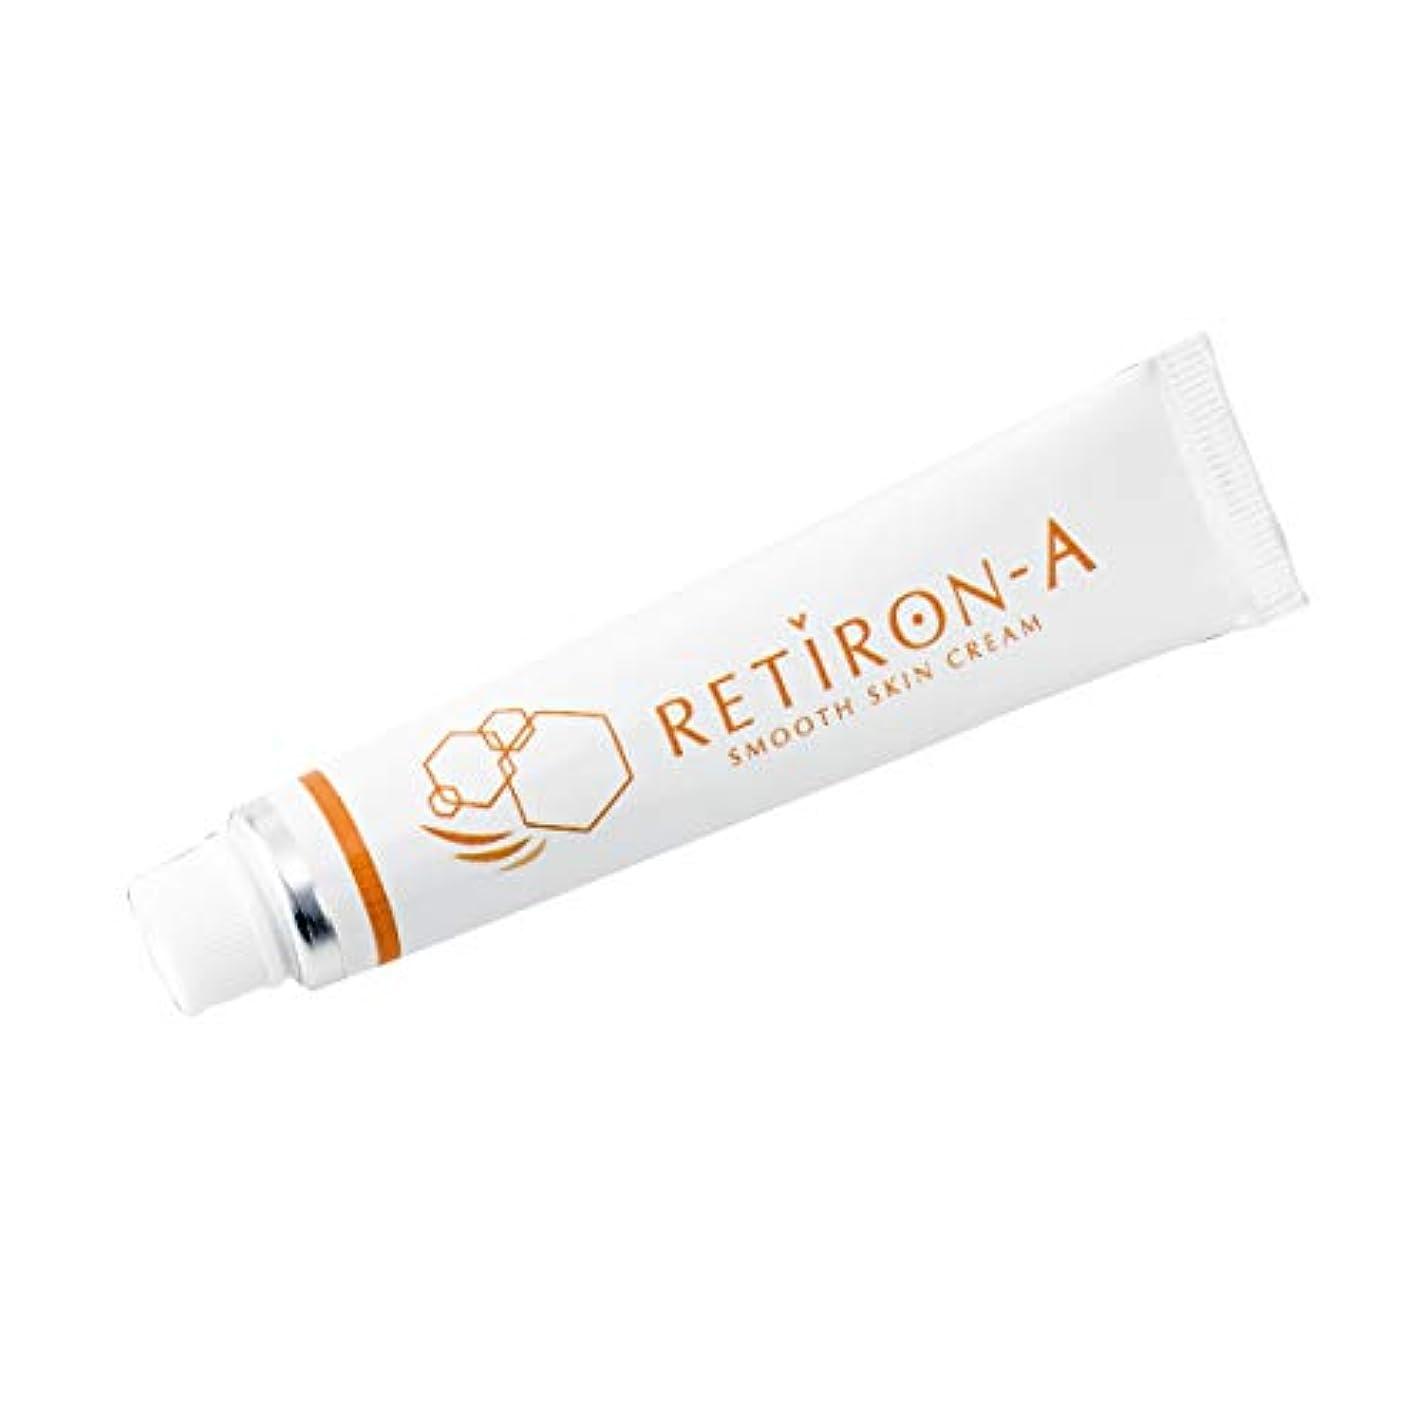 本土平方外観クリーム 化粧品 レチノール配合 レチロンA パラベンフリー